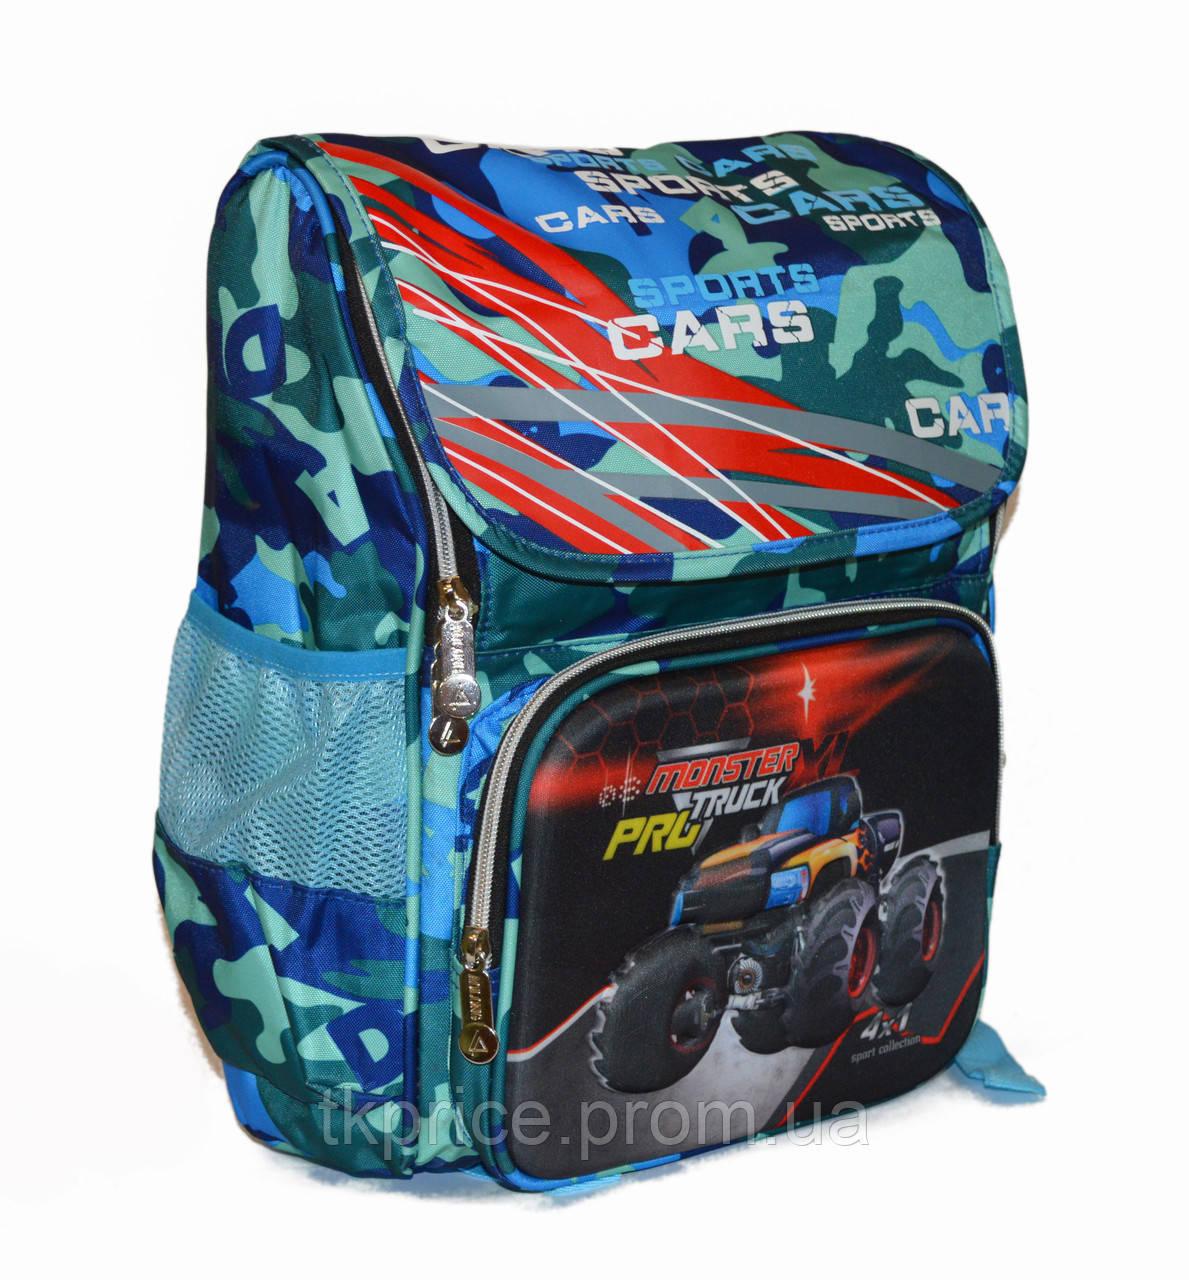 b49c9c526b7d Школьный Рюкзак для Мальчика с Ортопедической Спинкой — в Категории ...